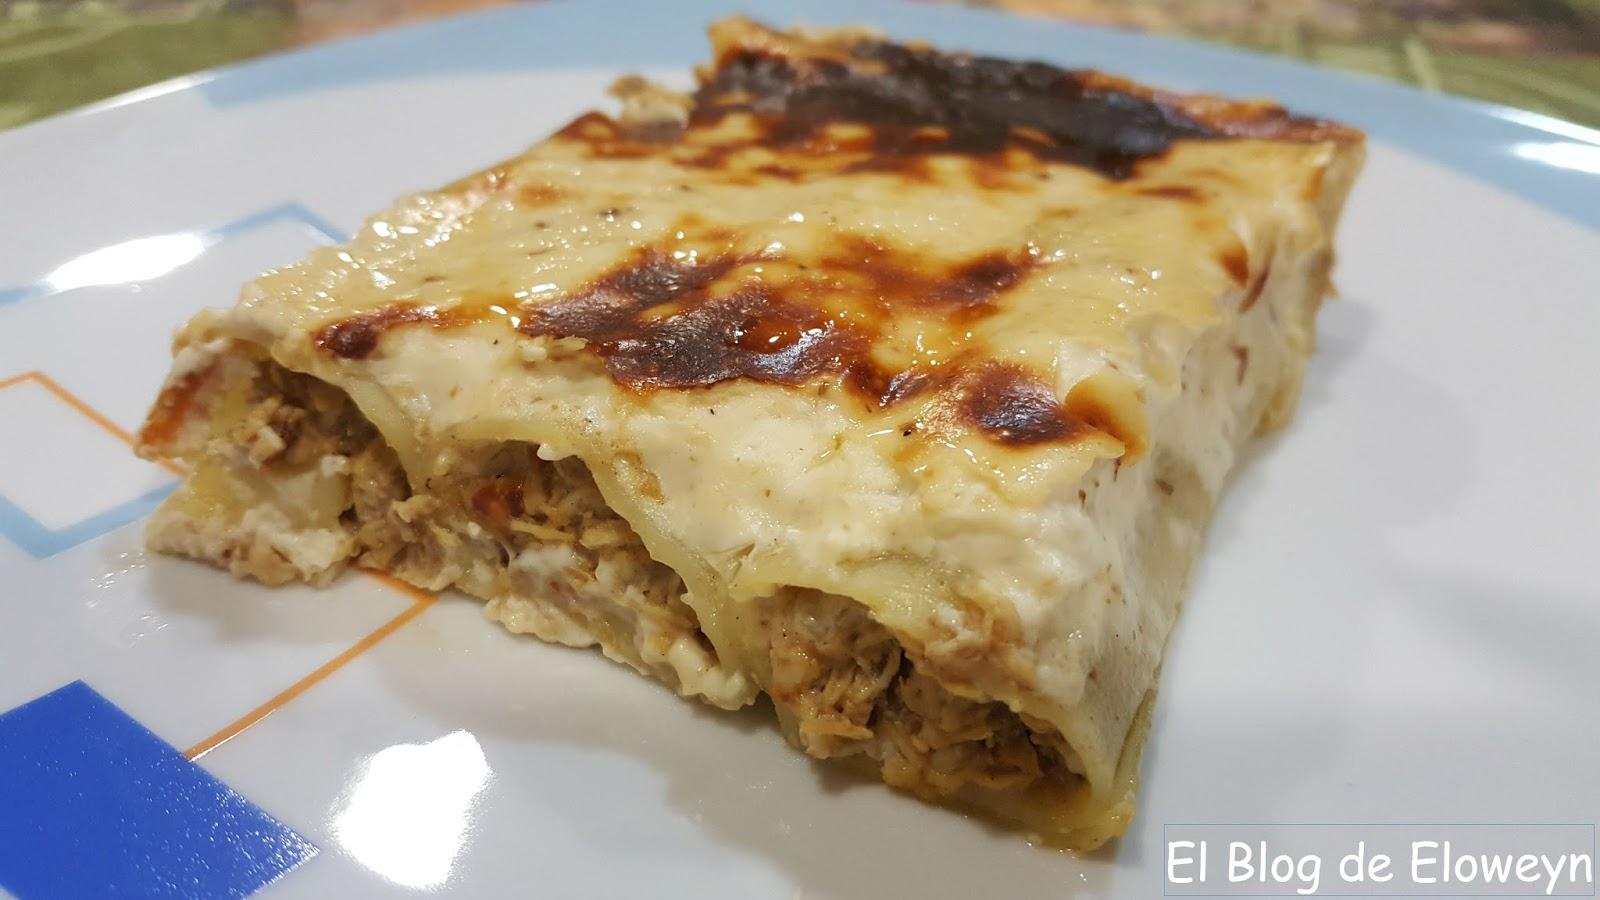 Canelones con boletus al foie el blog de eloweyn - Fotos de canalones ...